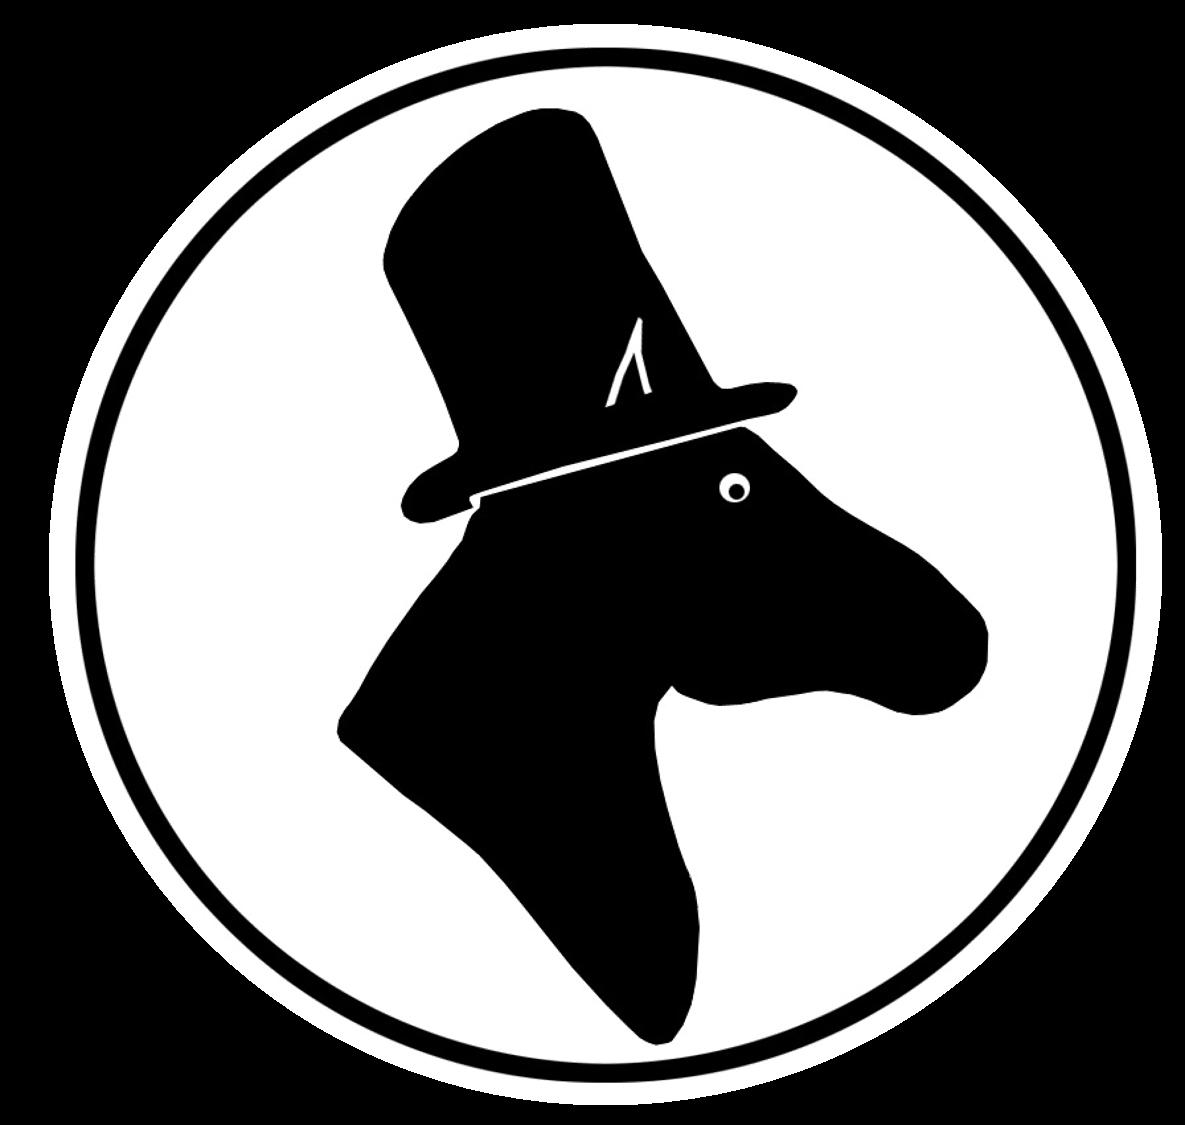 Herr Pferd